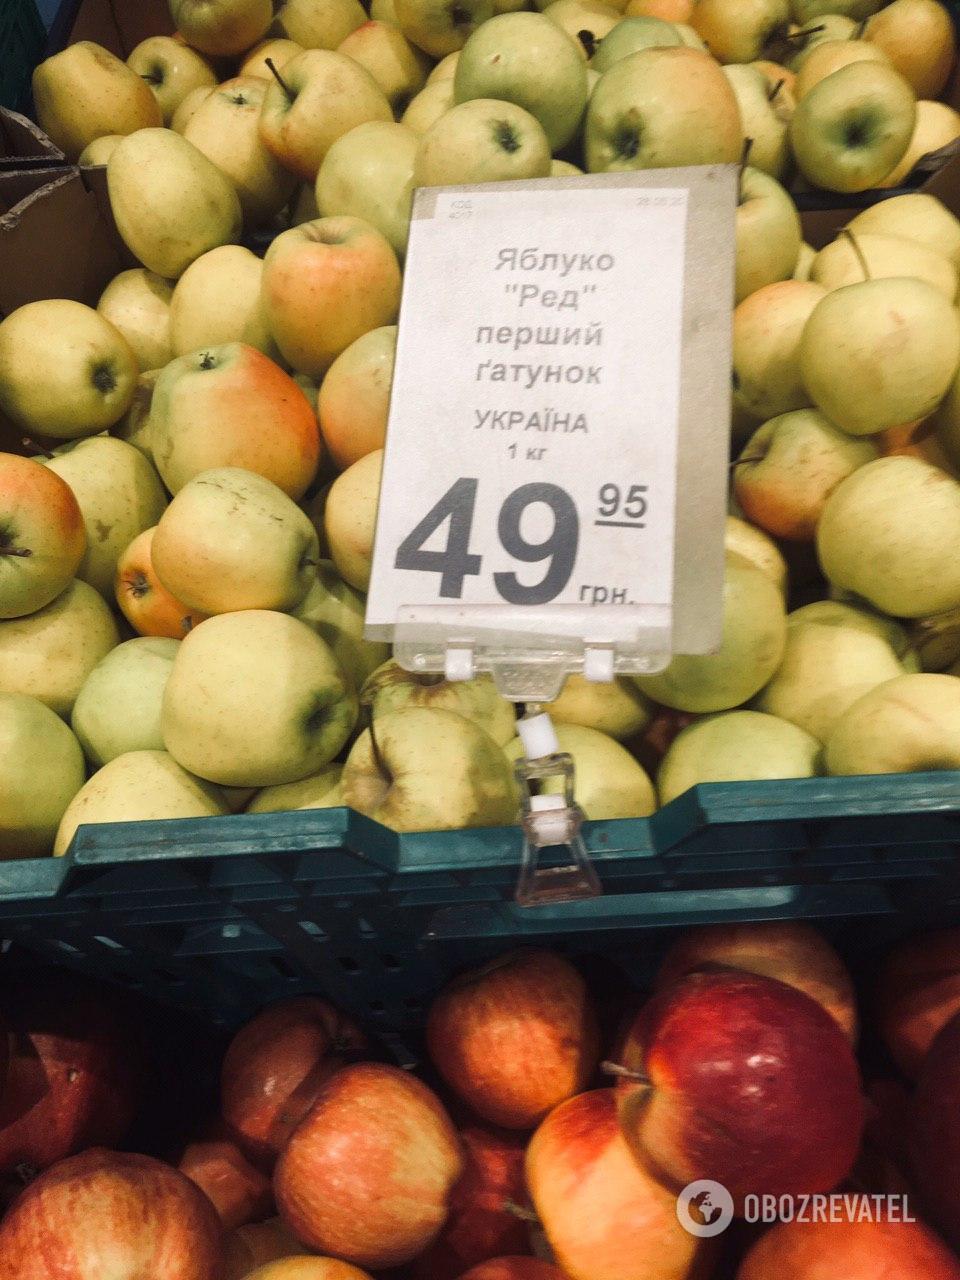 почему так подорожали яблоки - никто не понимает